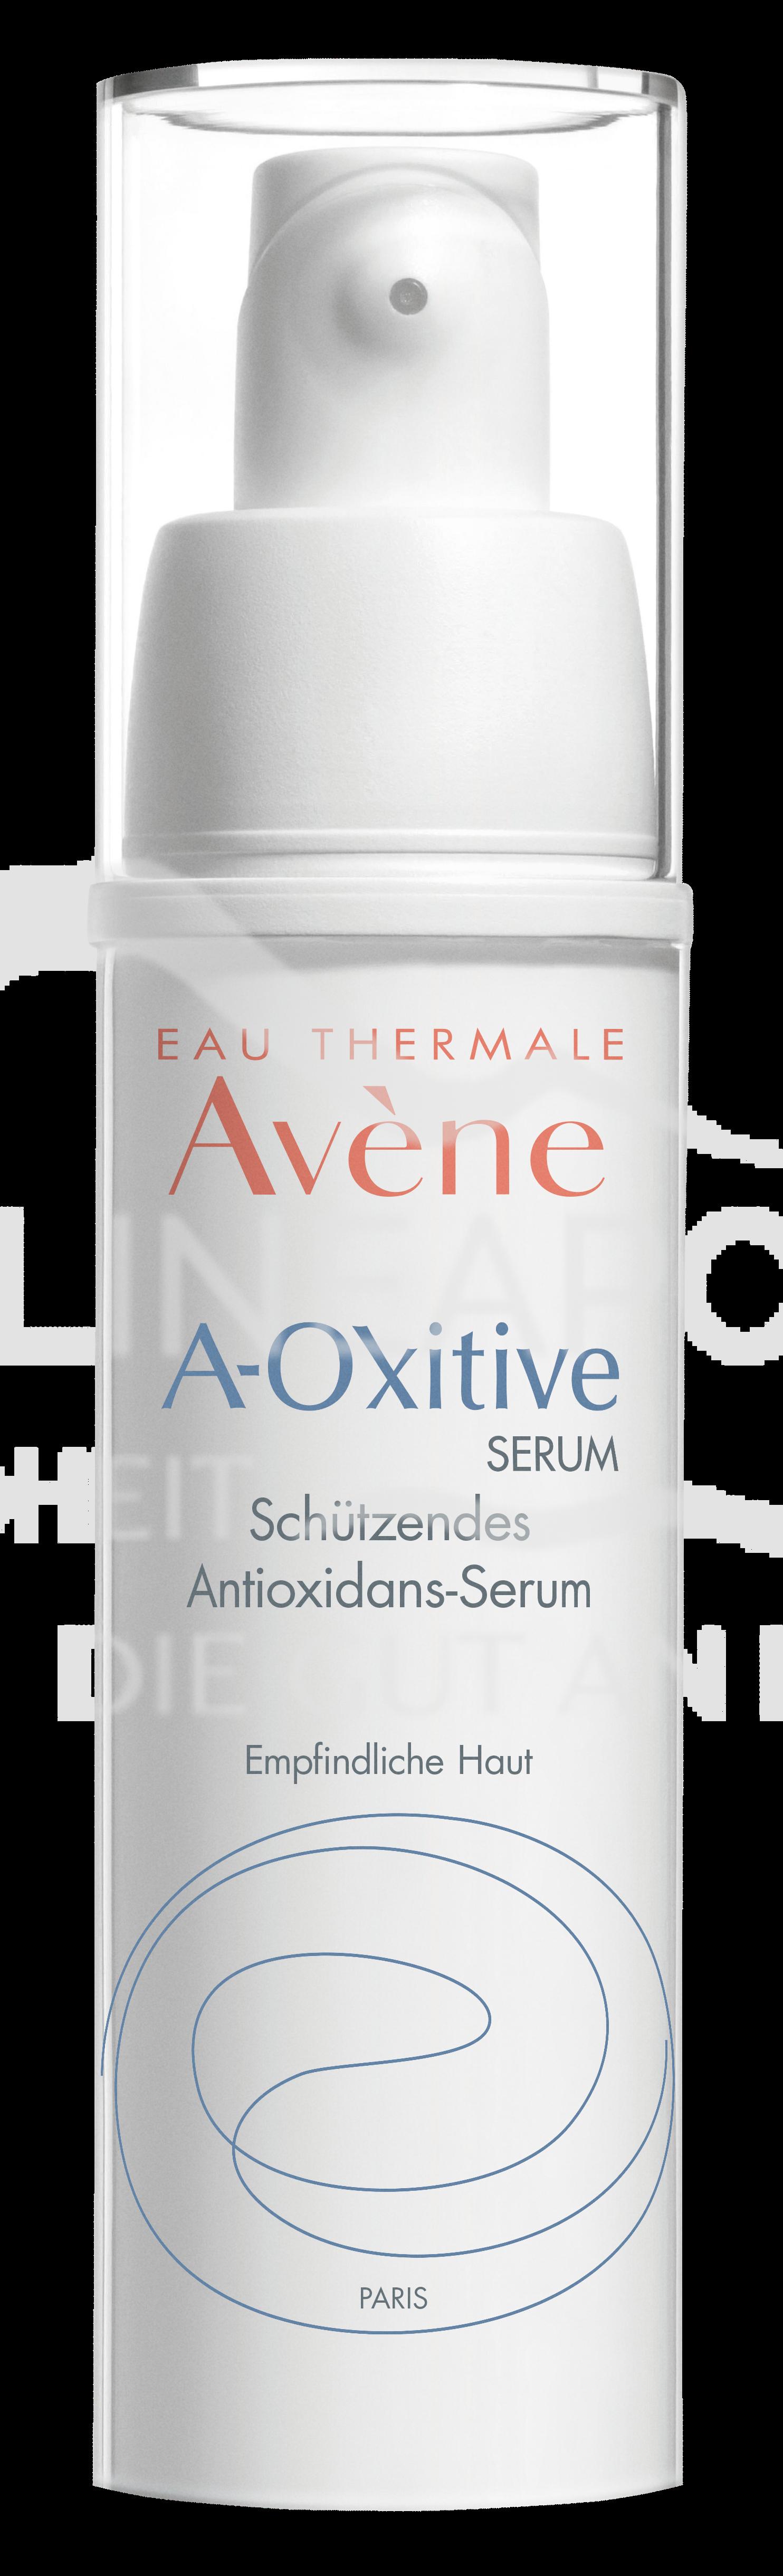 Avène A-Oxitive Serum Schützendes Antioxidans-Serum